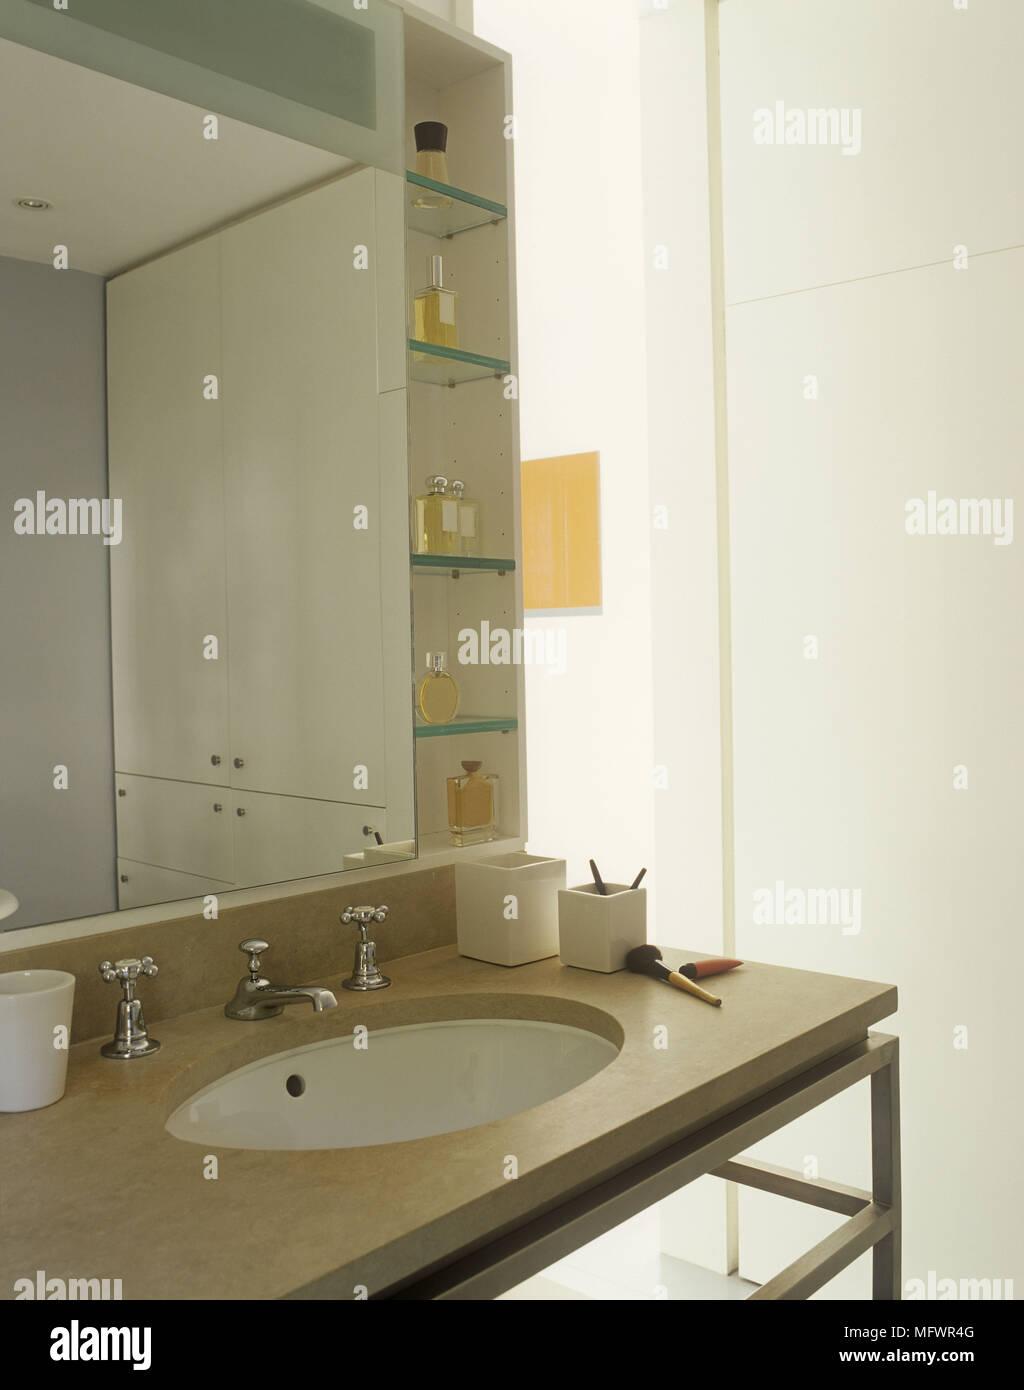 Salle De Bains Moderne Avec Un Grand Miroir Au Dessus Du Lavabo Ovale Situé  En Surface En Marbre